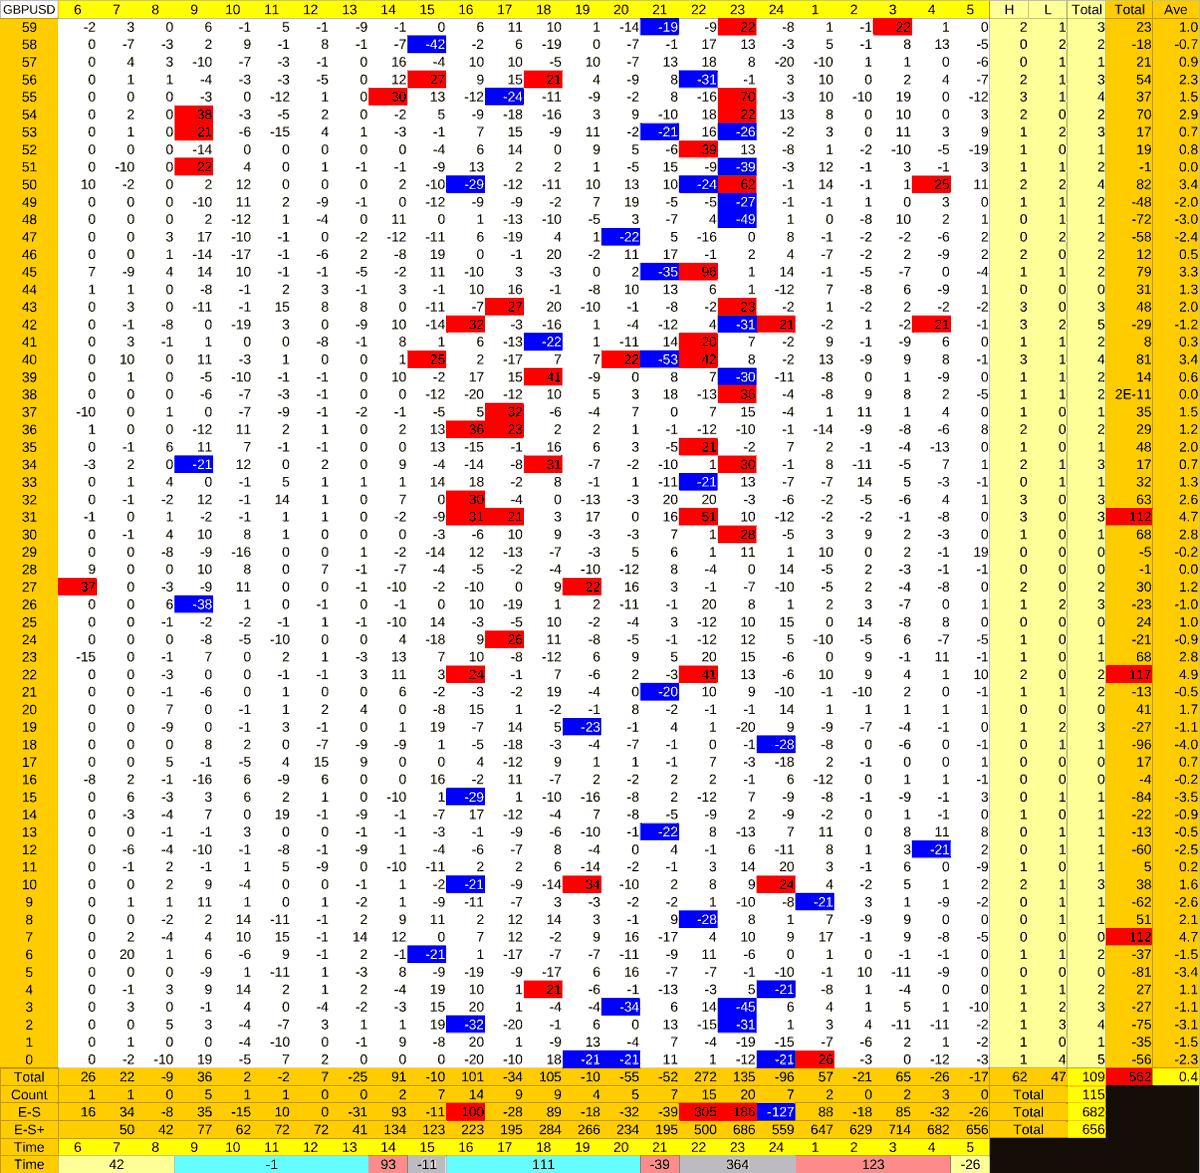 20210902_HS(2)GBPUSD-min